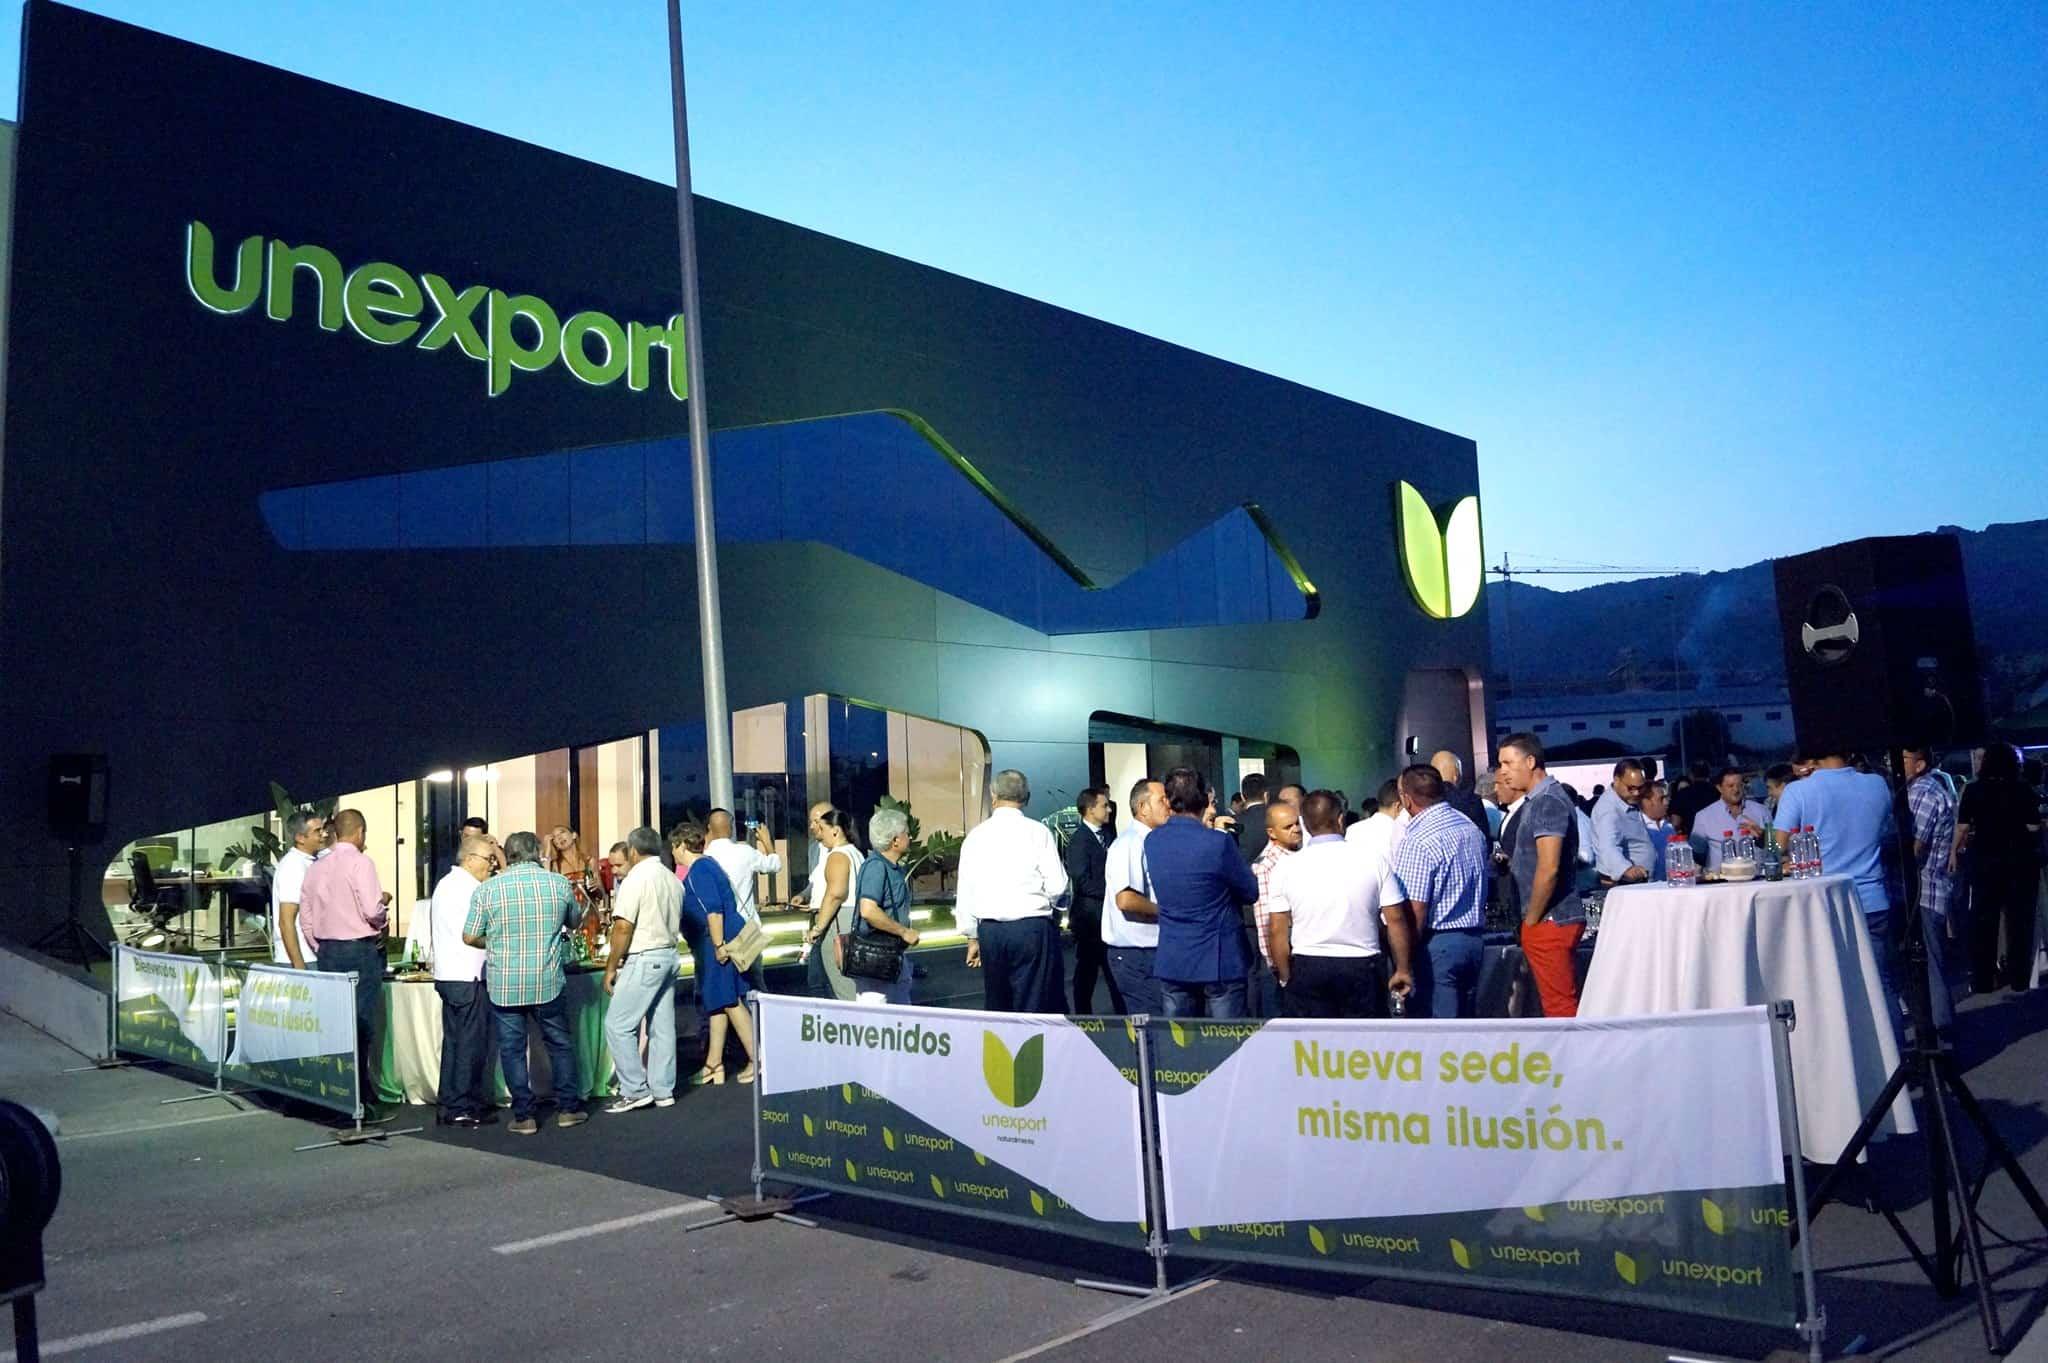 inauguración instalaciones Unexport